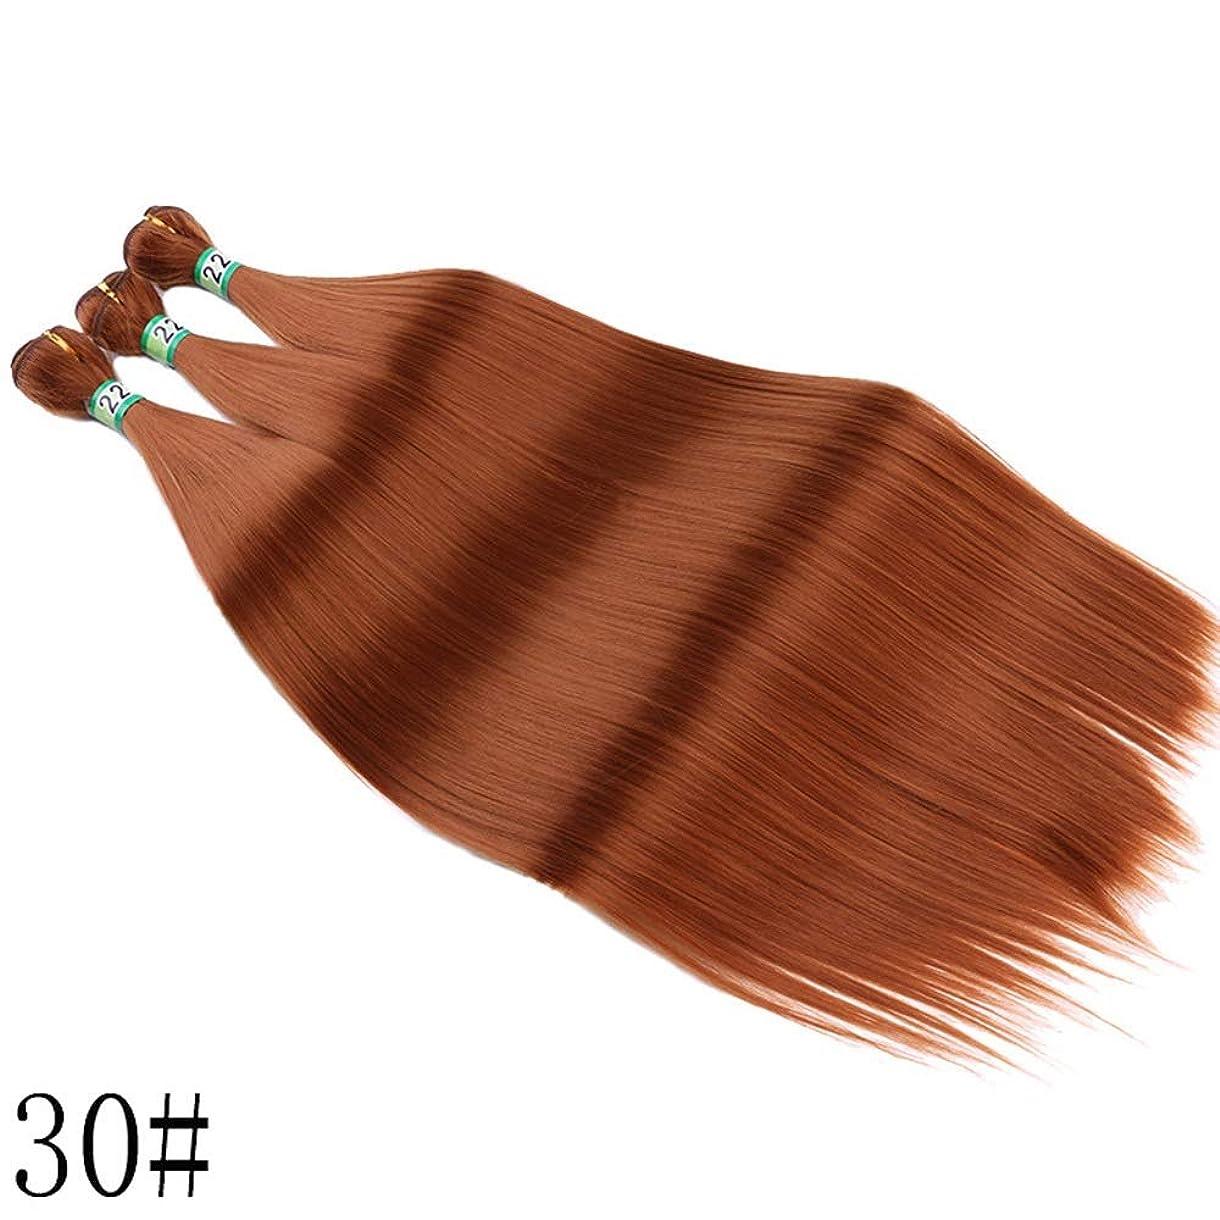 期待してごめんなさい狐Yrattary 3バンドル合成髪織りヘアエクステンション女性のための耐熱性繊維シルキーストレートヘアコンポジットヘアレースかつらロールプレイングウィッグロングとショート女性自然 (色 : ブラウン, サイズ : 22inch)